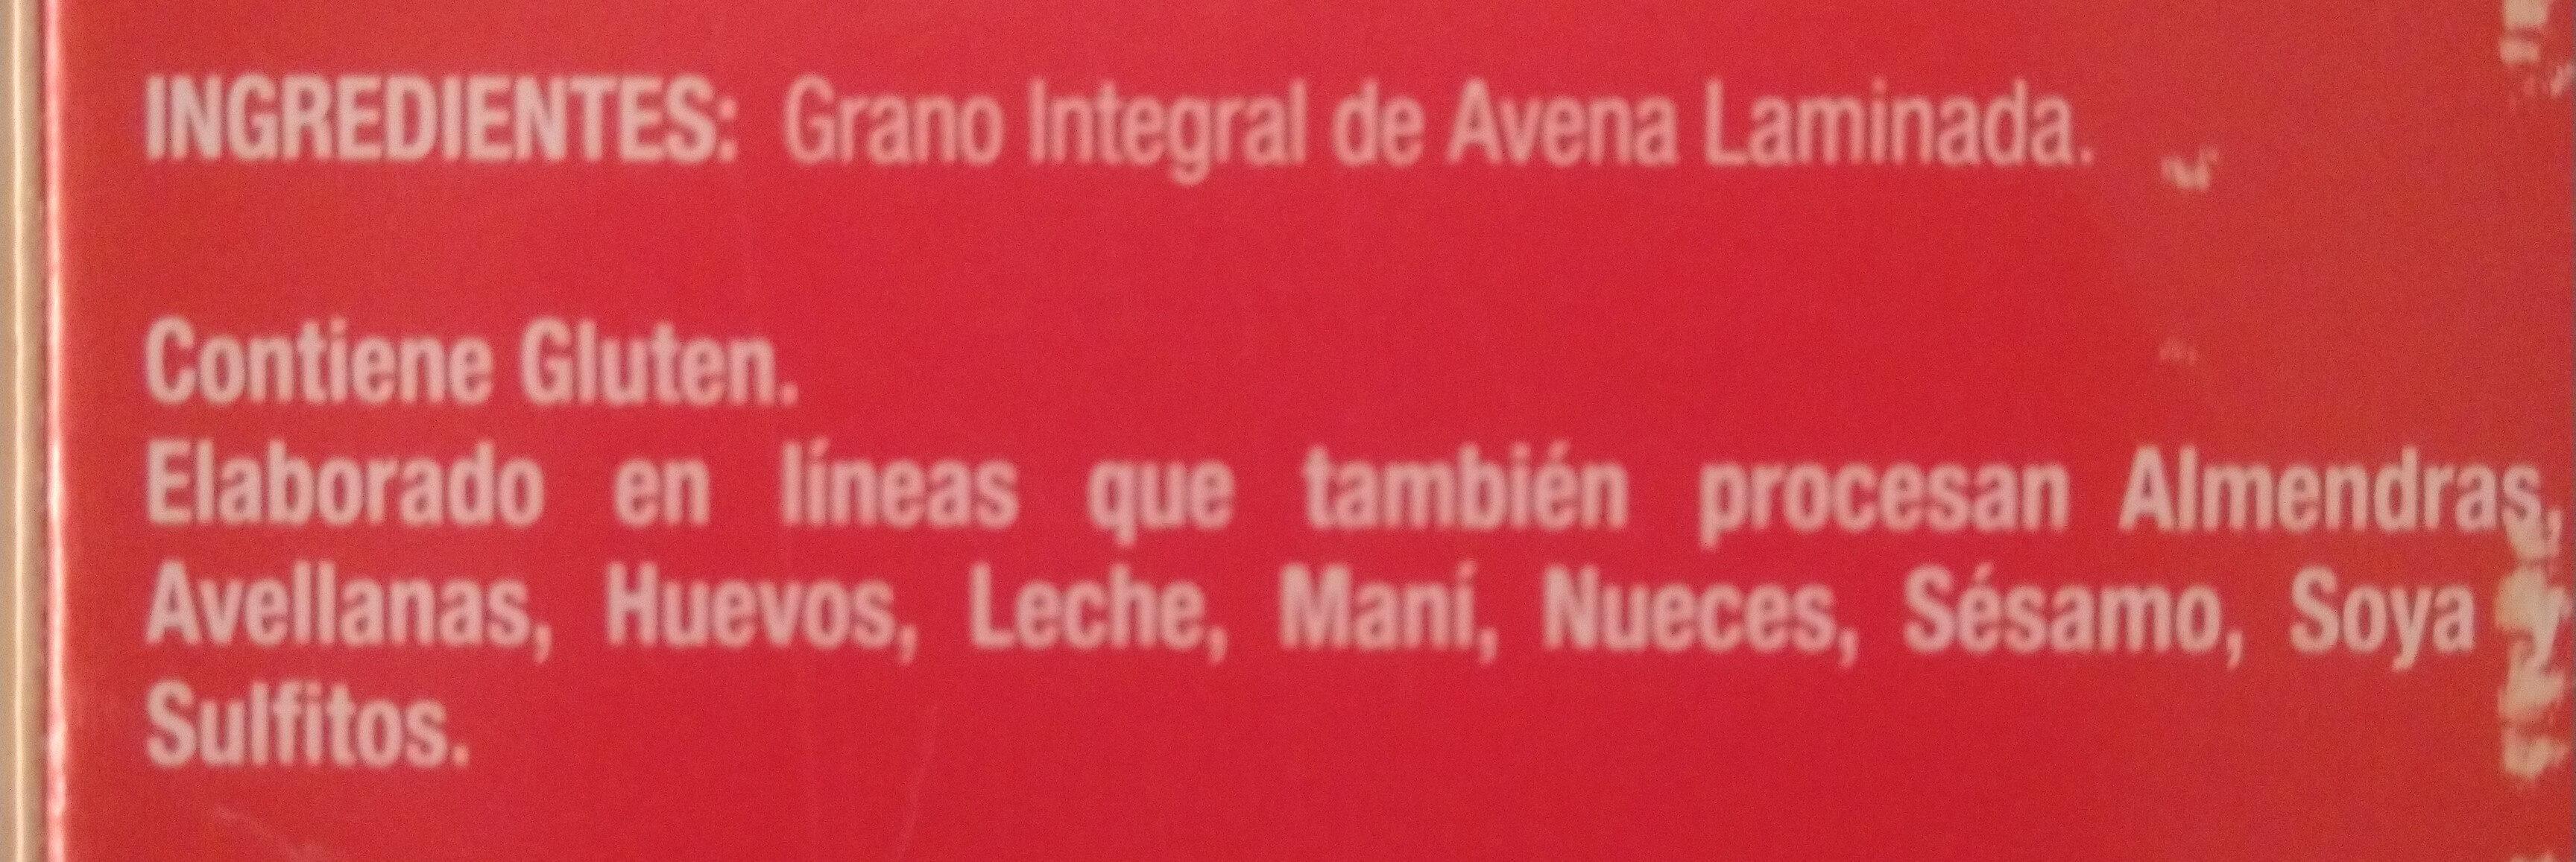 Avena Tradicional - Ingredients - es